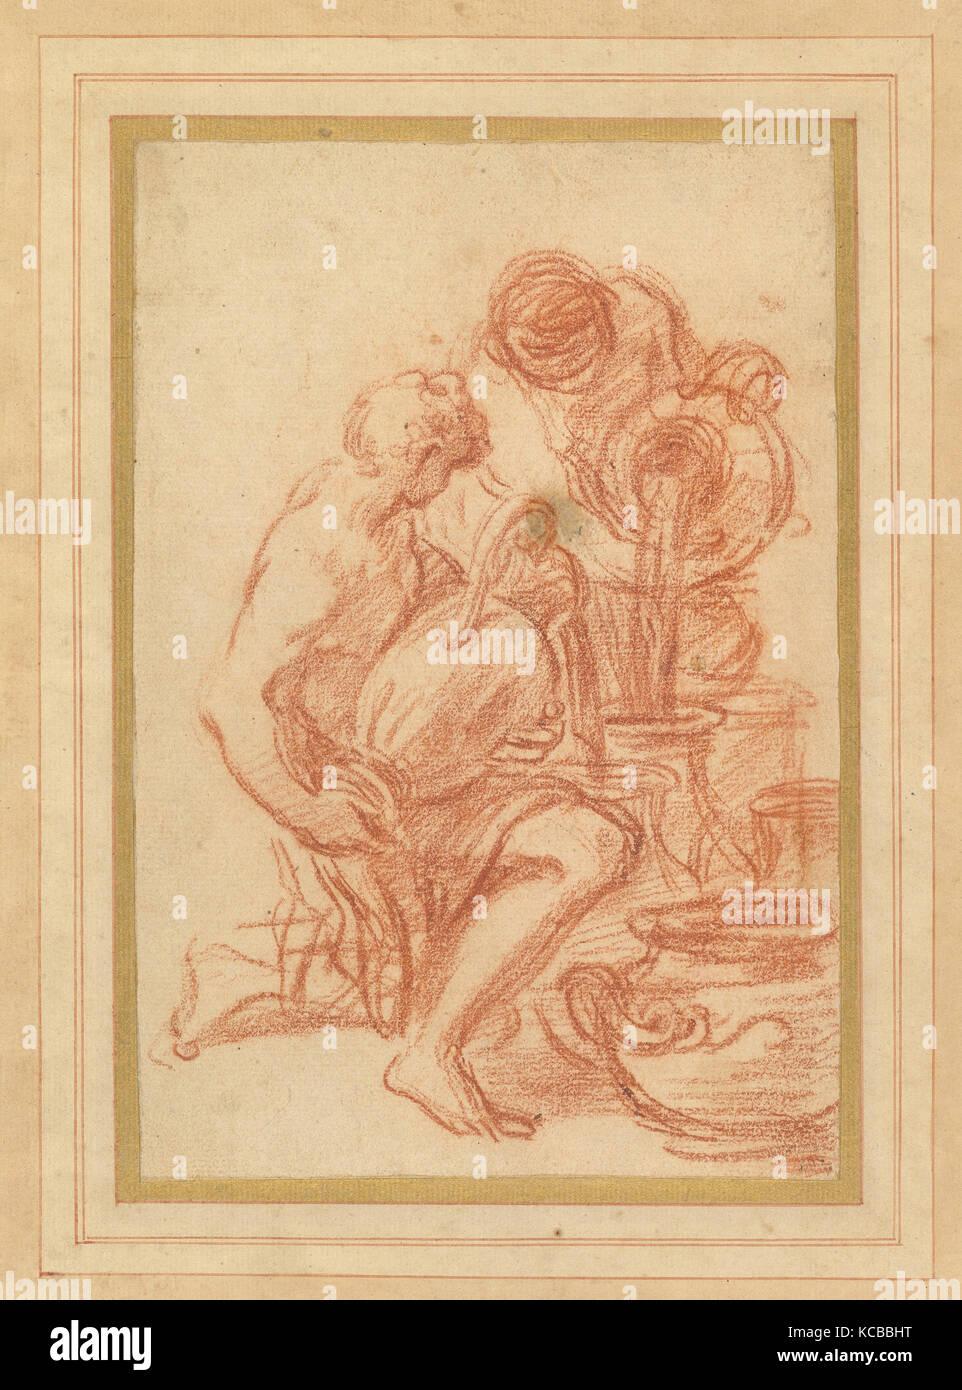 Servants Filling Urns, Francisco Vieira de Mattos, 18th century - Stock Image